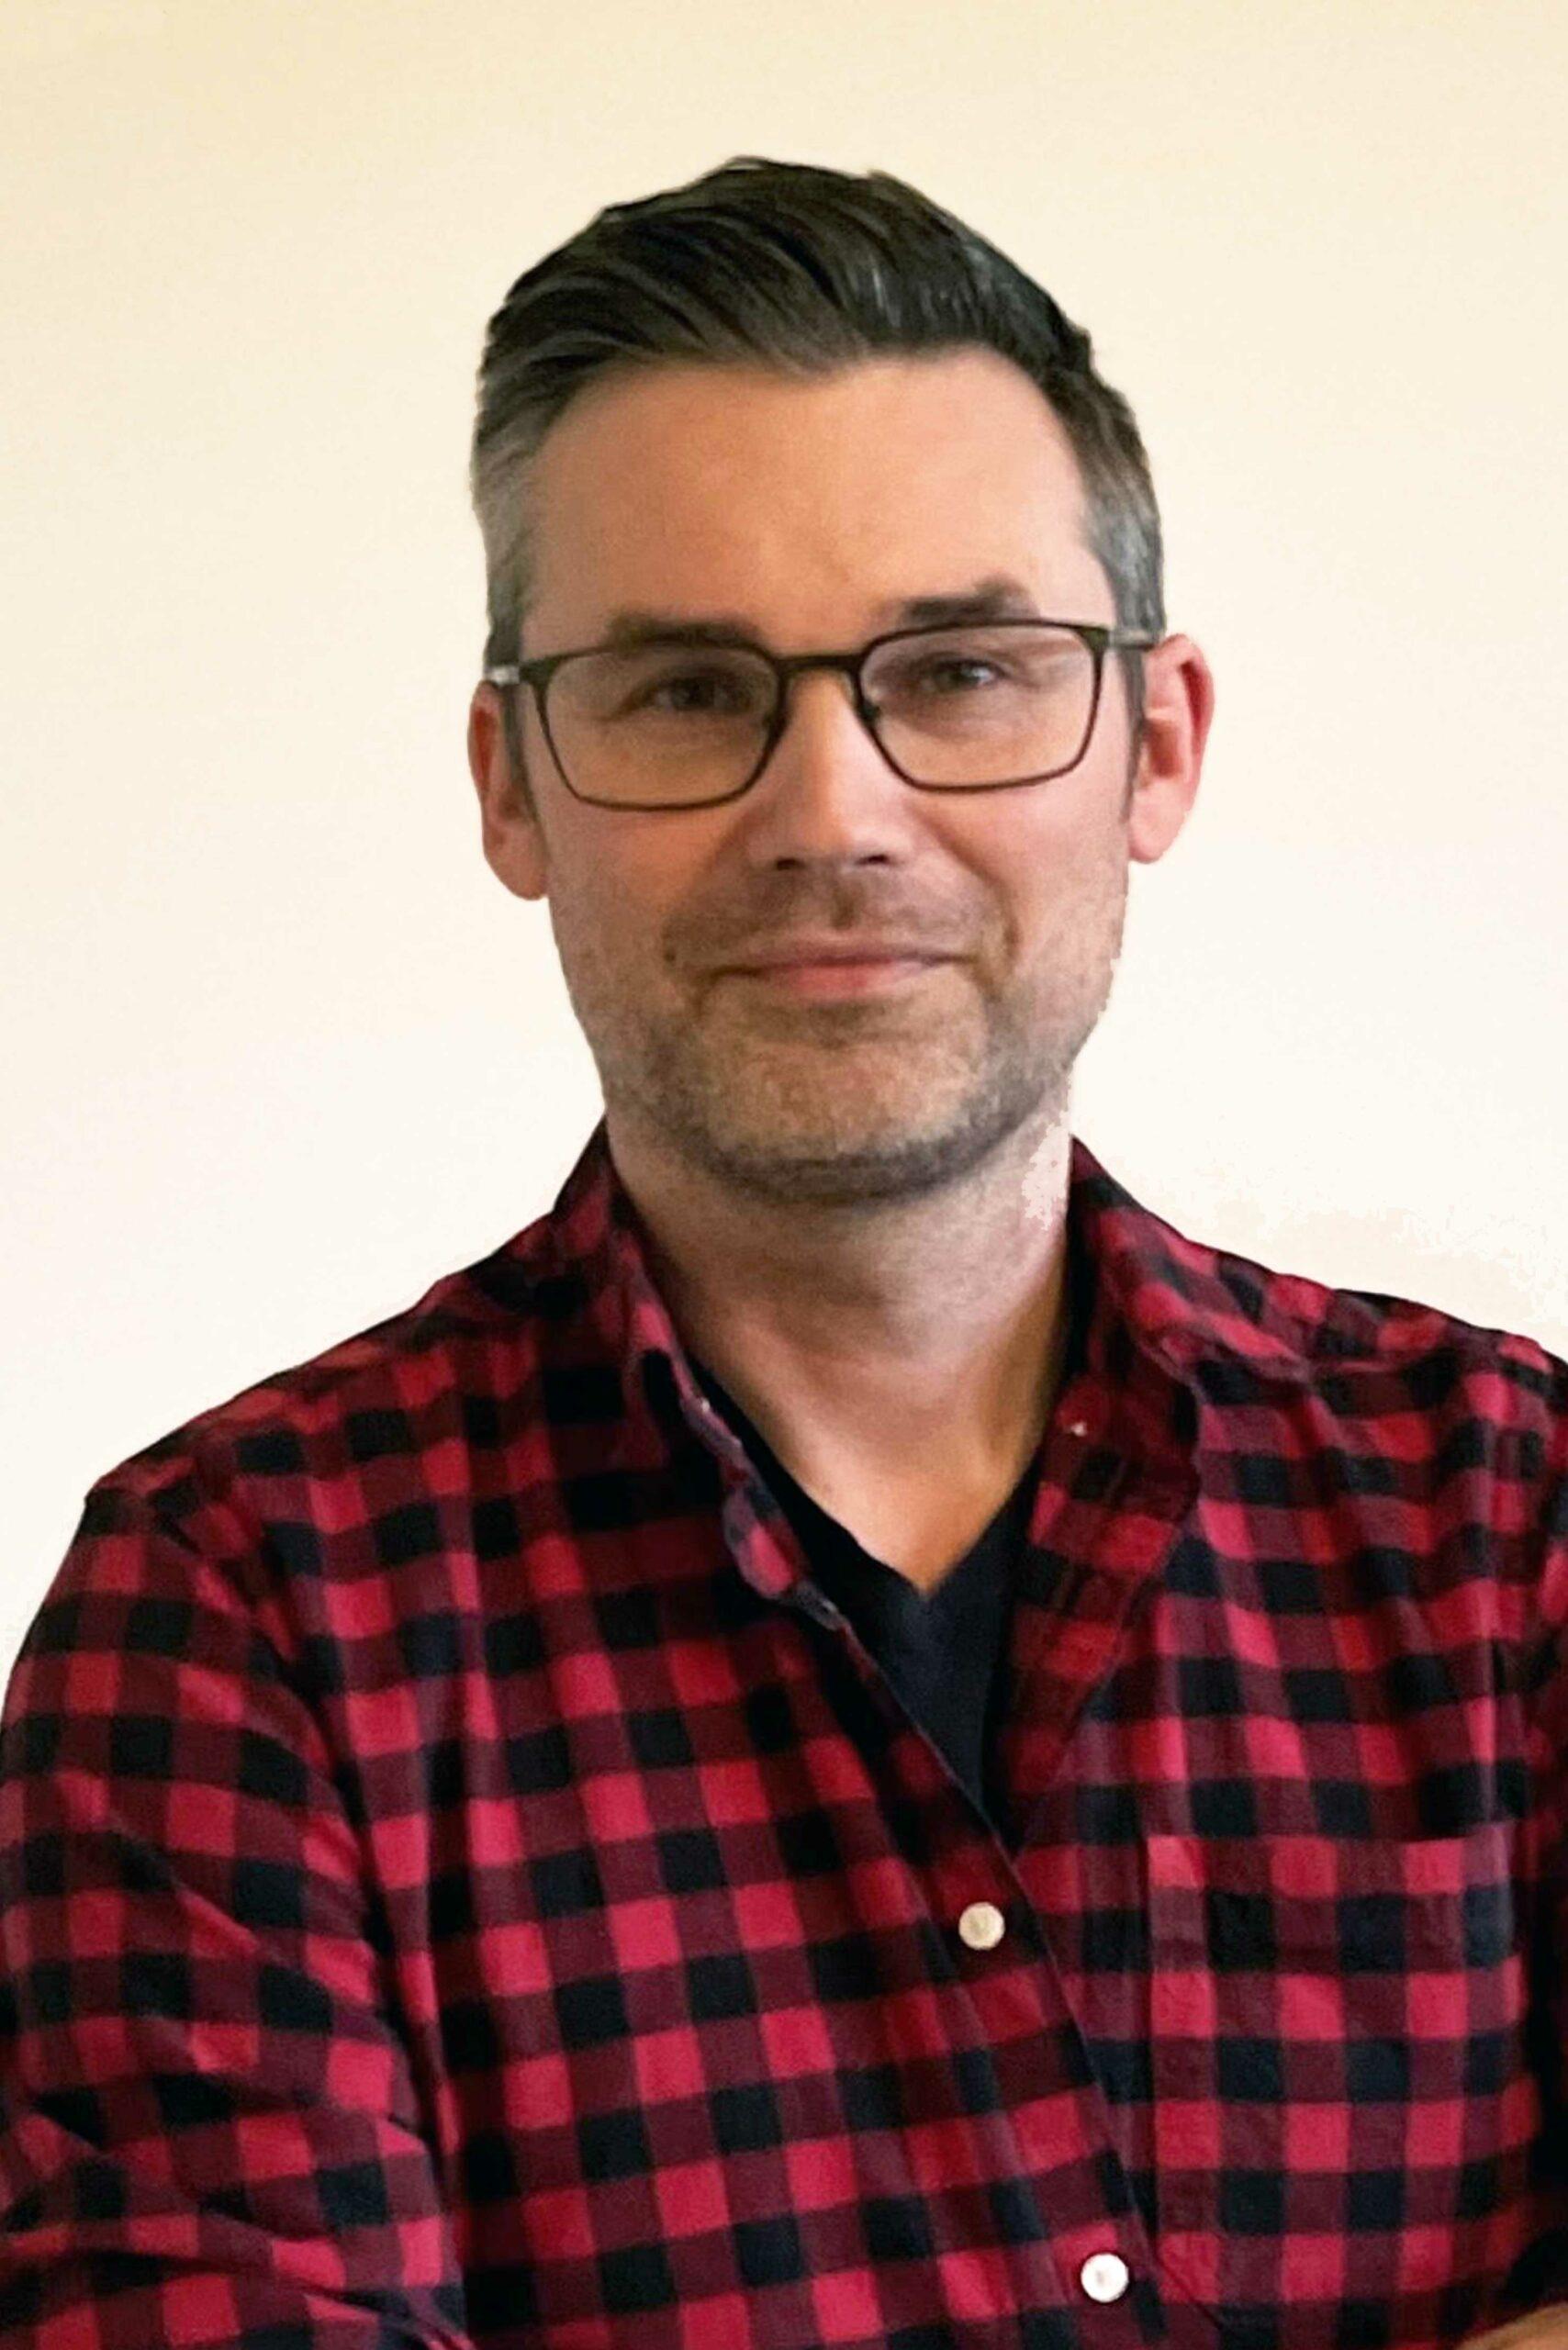 Fredrik Sunnegårdh